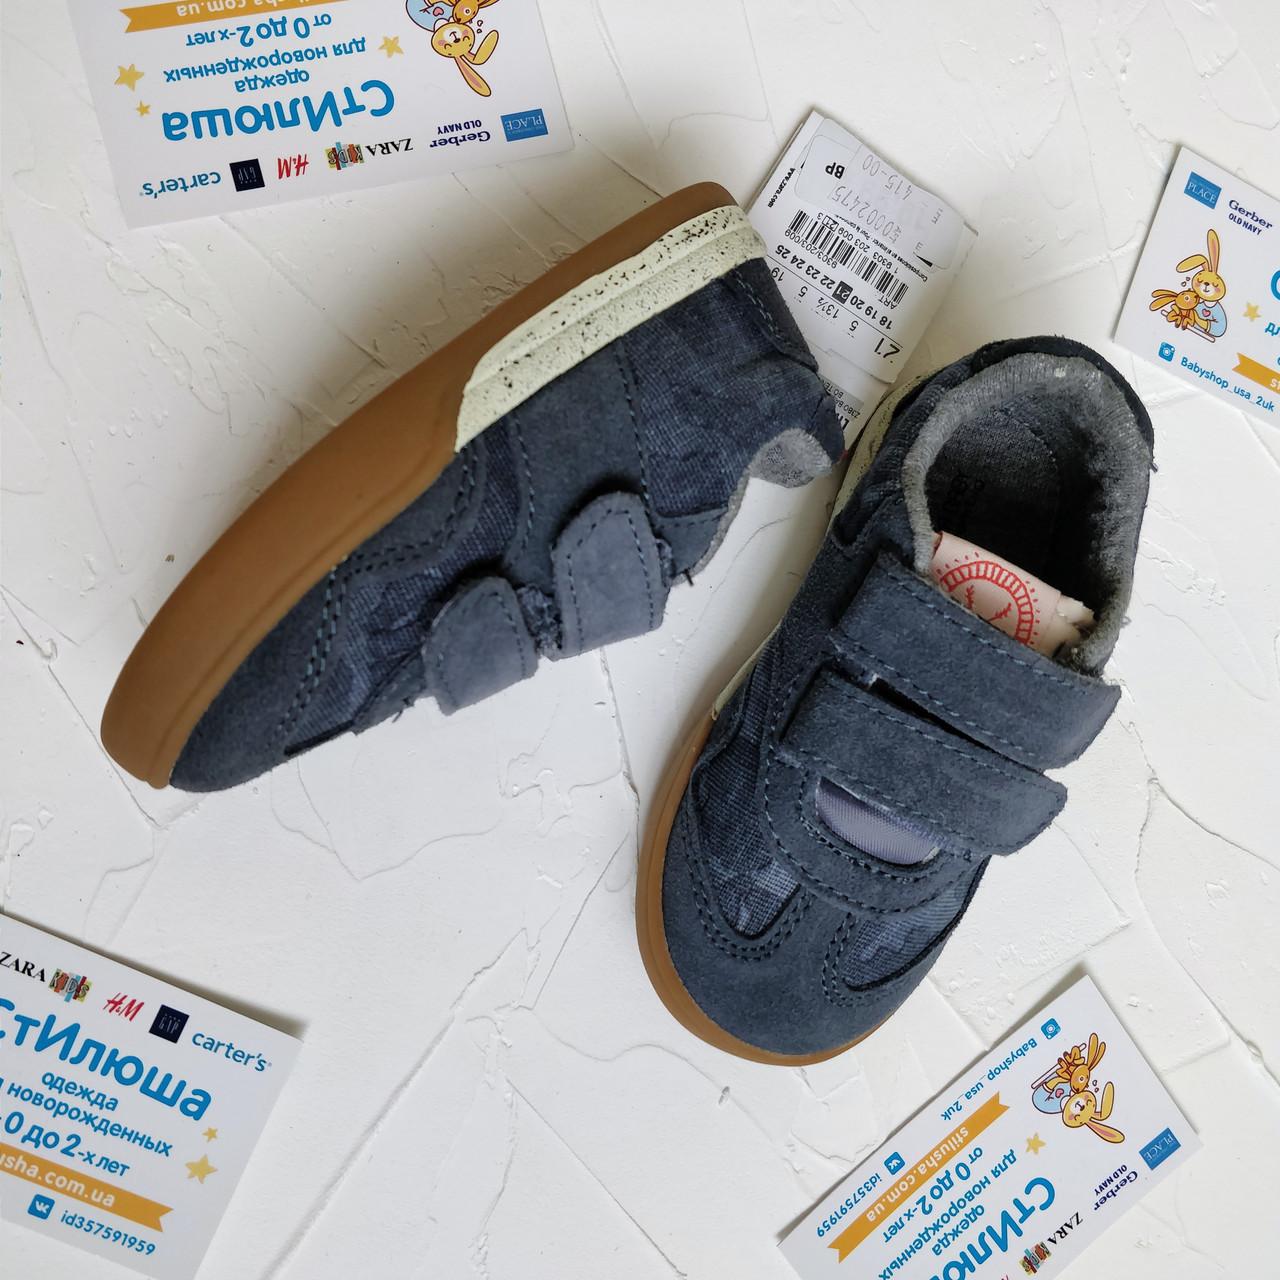 625f3f80 Детские кроссовки для мальчика Zara 21 размер: продажа, цена в ...